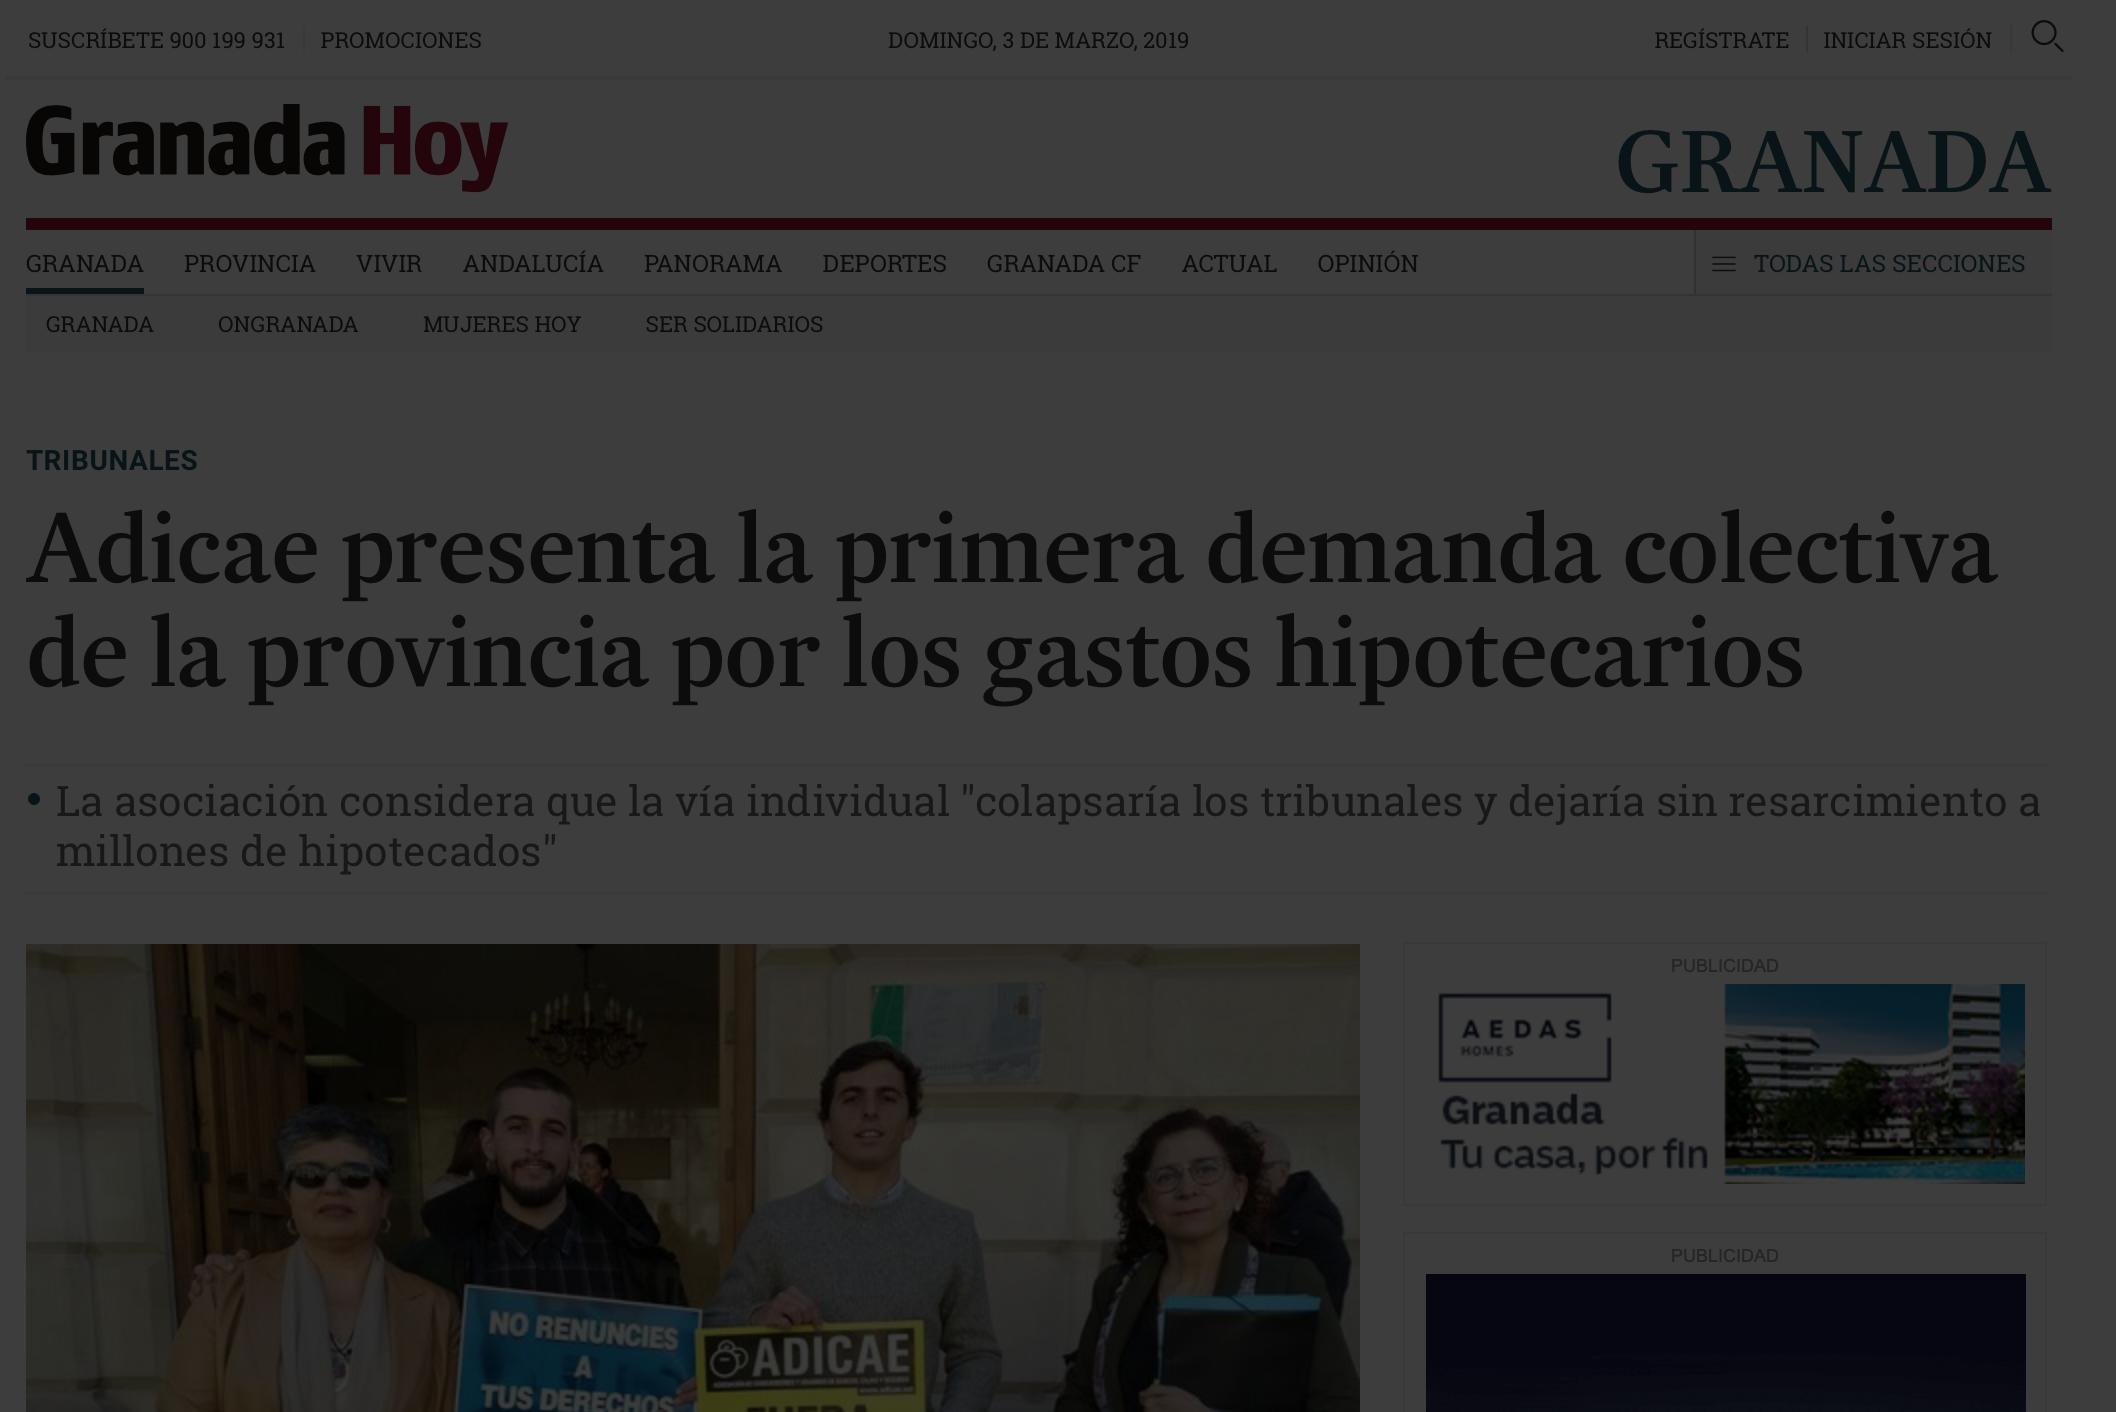 Granada Hoy informa sobre demandas colectivas por gastos hipotecarios